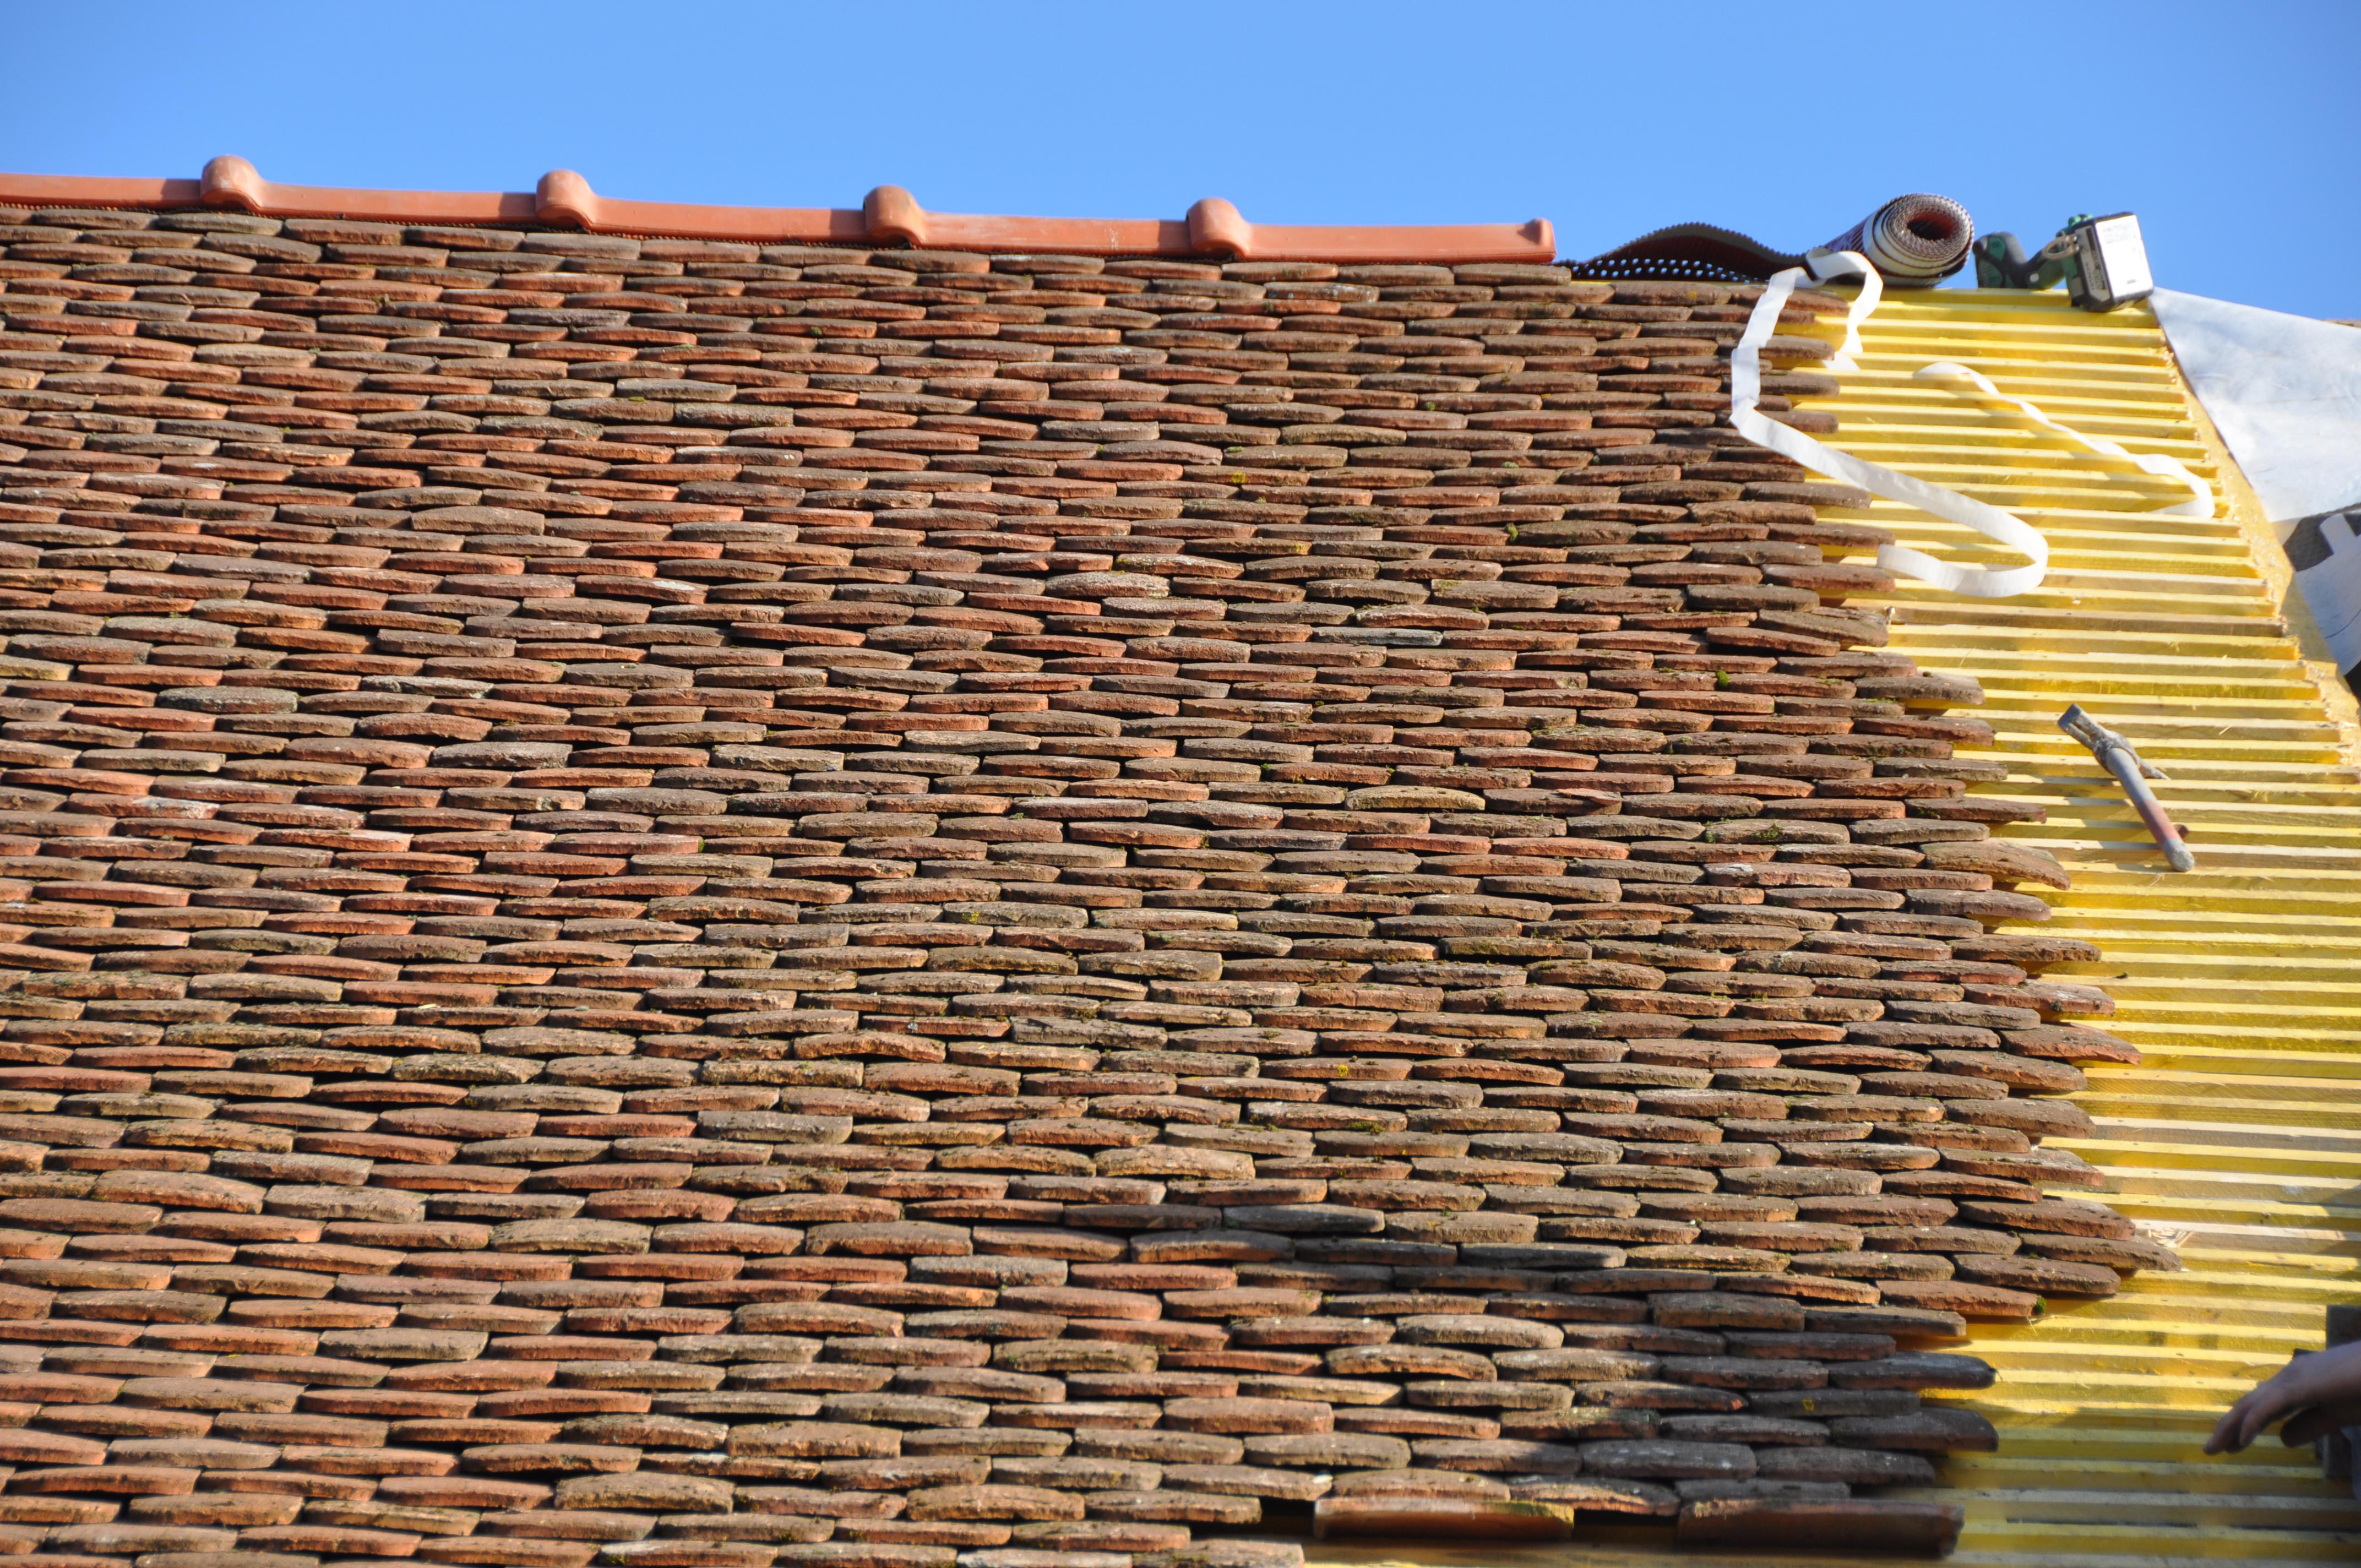 restauration d 39 une toiture de tuiles plates anciennes brie champagne construction. Black Bedroom Furniture Sets. Home Design Ideas